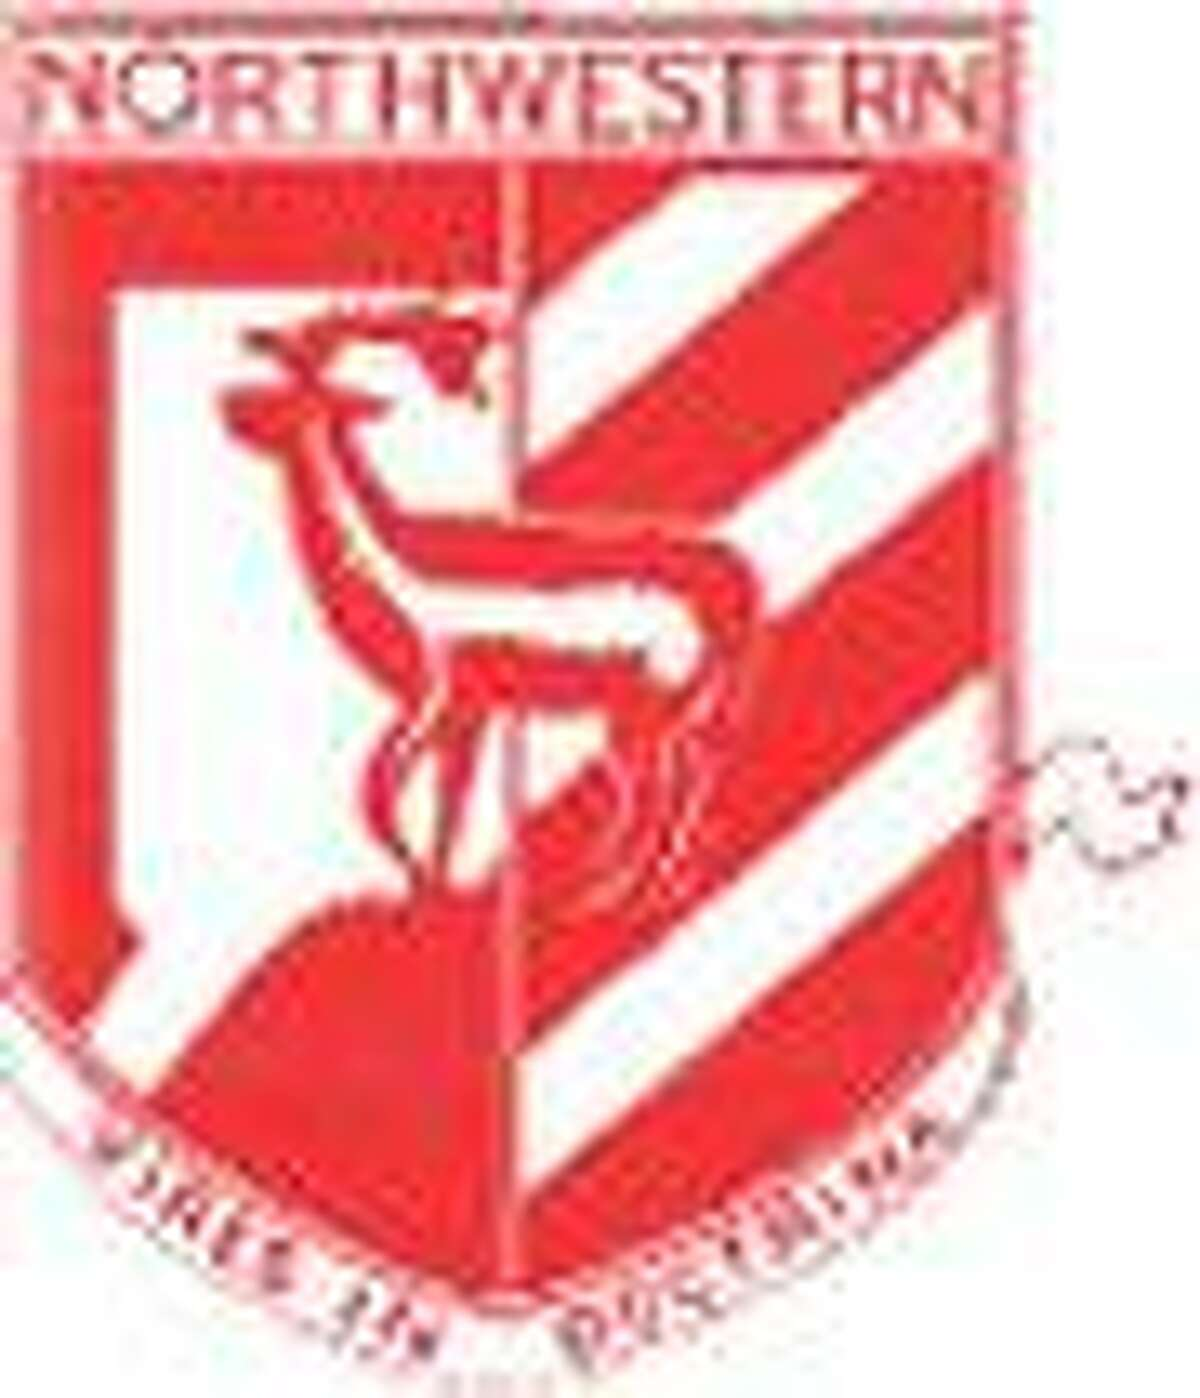 Northwestern Regional School District 7's crest.